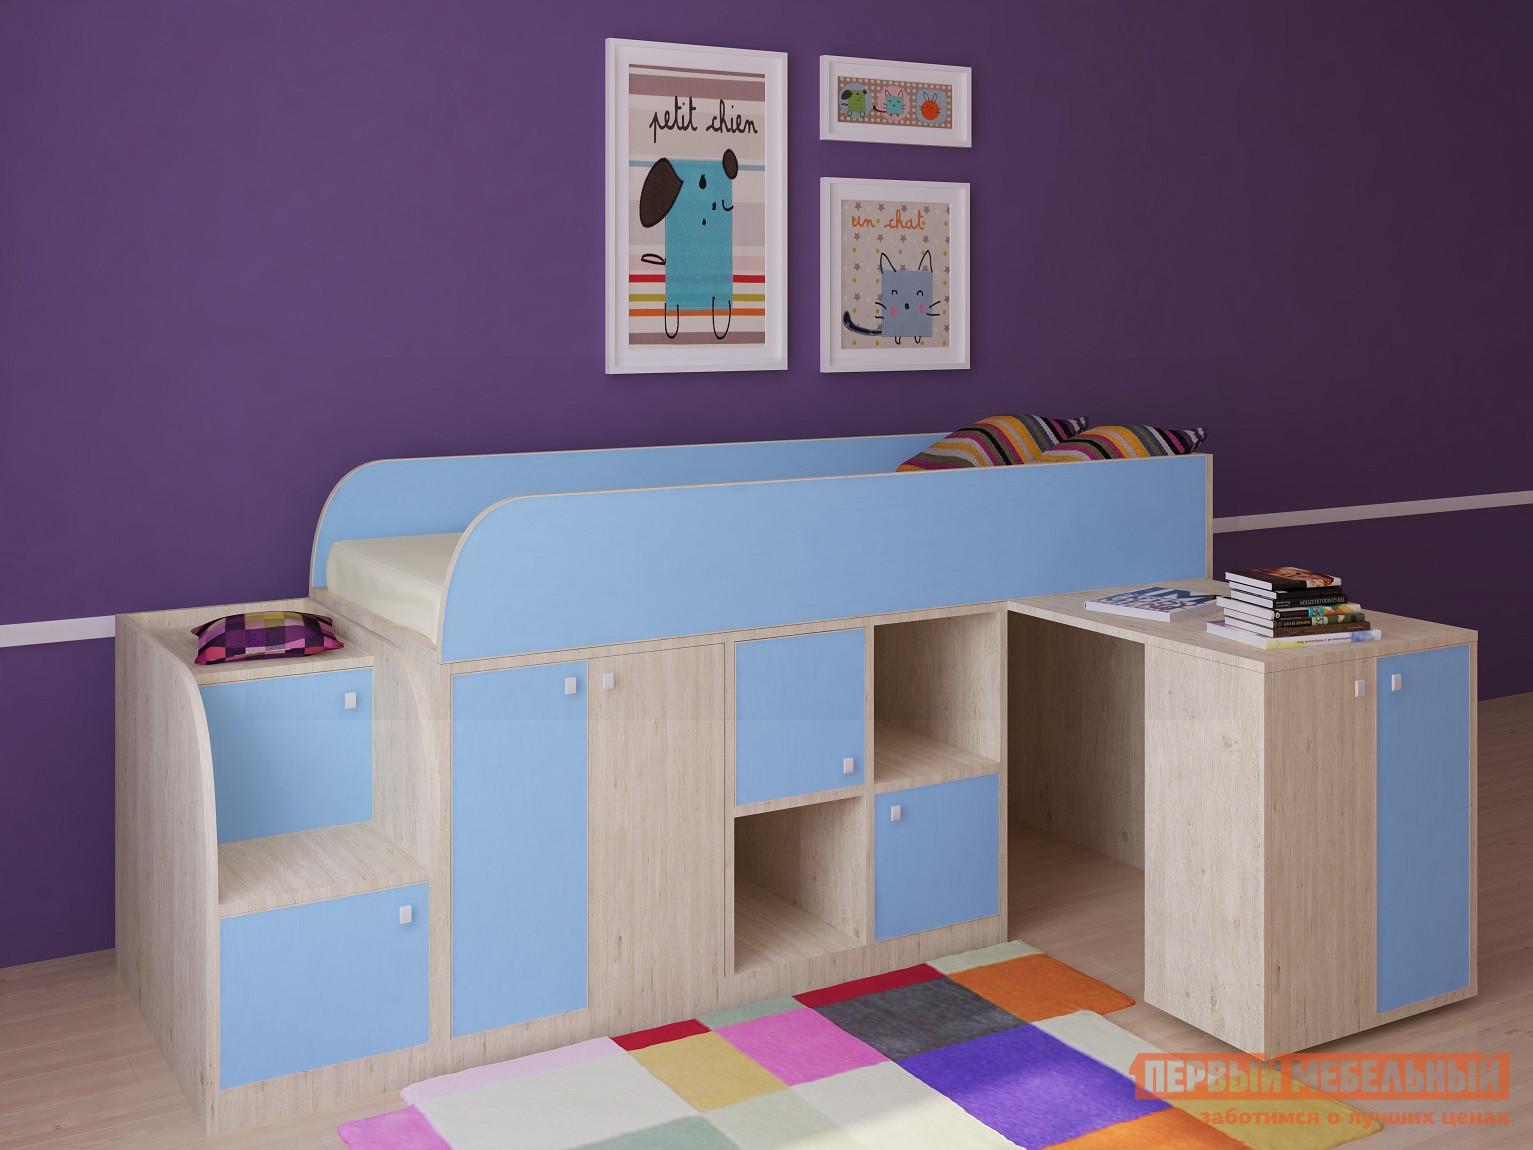 купить Кровать-чердак для детей от 3 лет РВ Мебель Астра мини по цене 15500 рублей